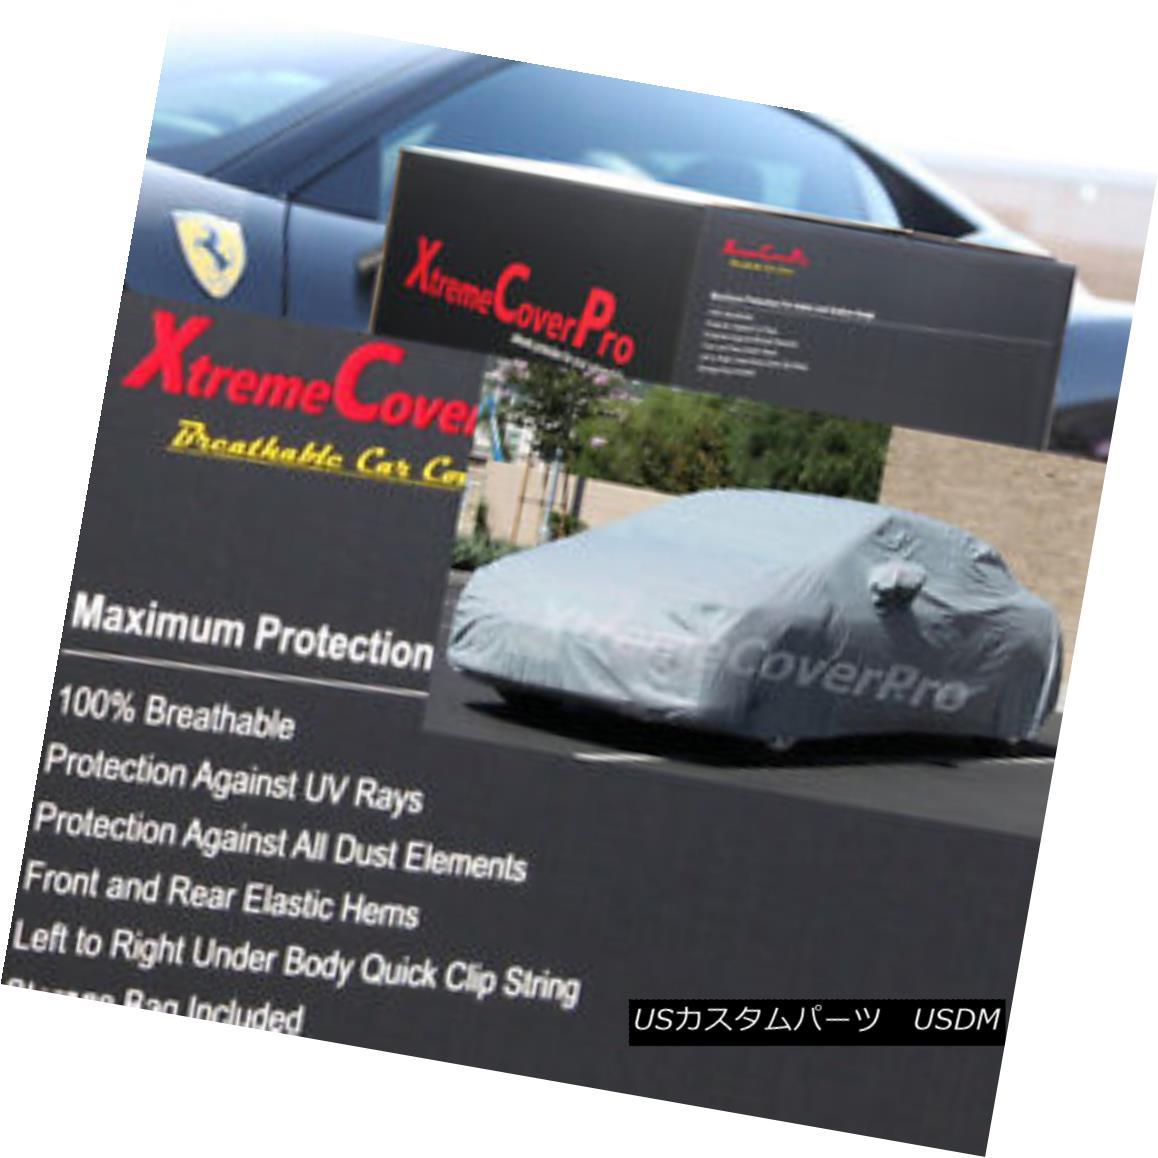 カーカバー 1996 1997 1997 1999 2000 2001 Acura RL Breathable Car Cover w/MirrorPocket 1996 1997 1997 1999 2000 2001アキュラRL通気性車カバー付き/ミラーポケット